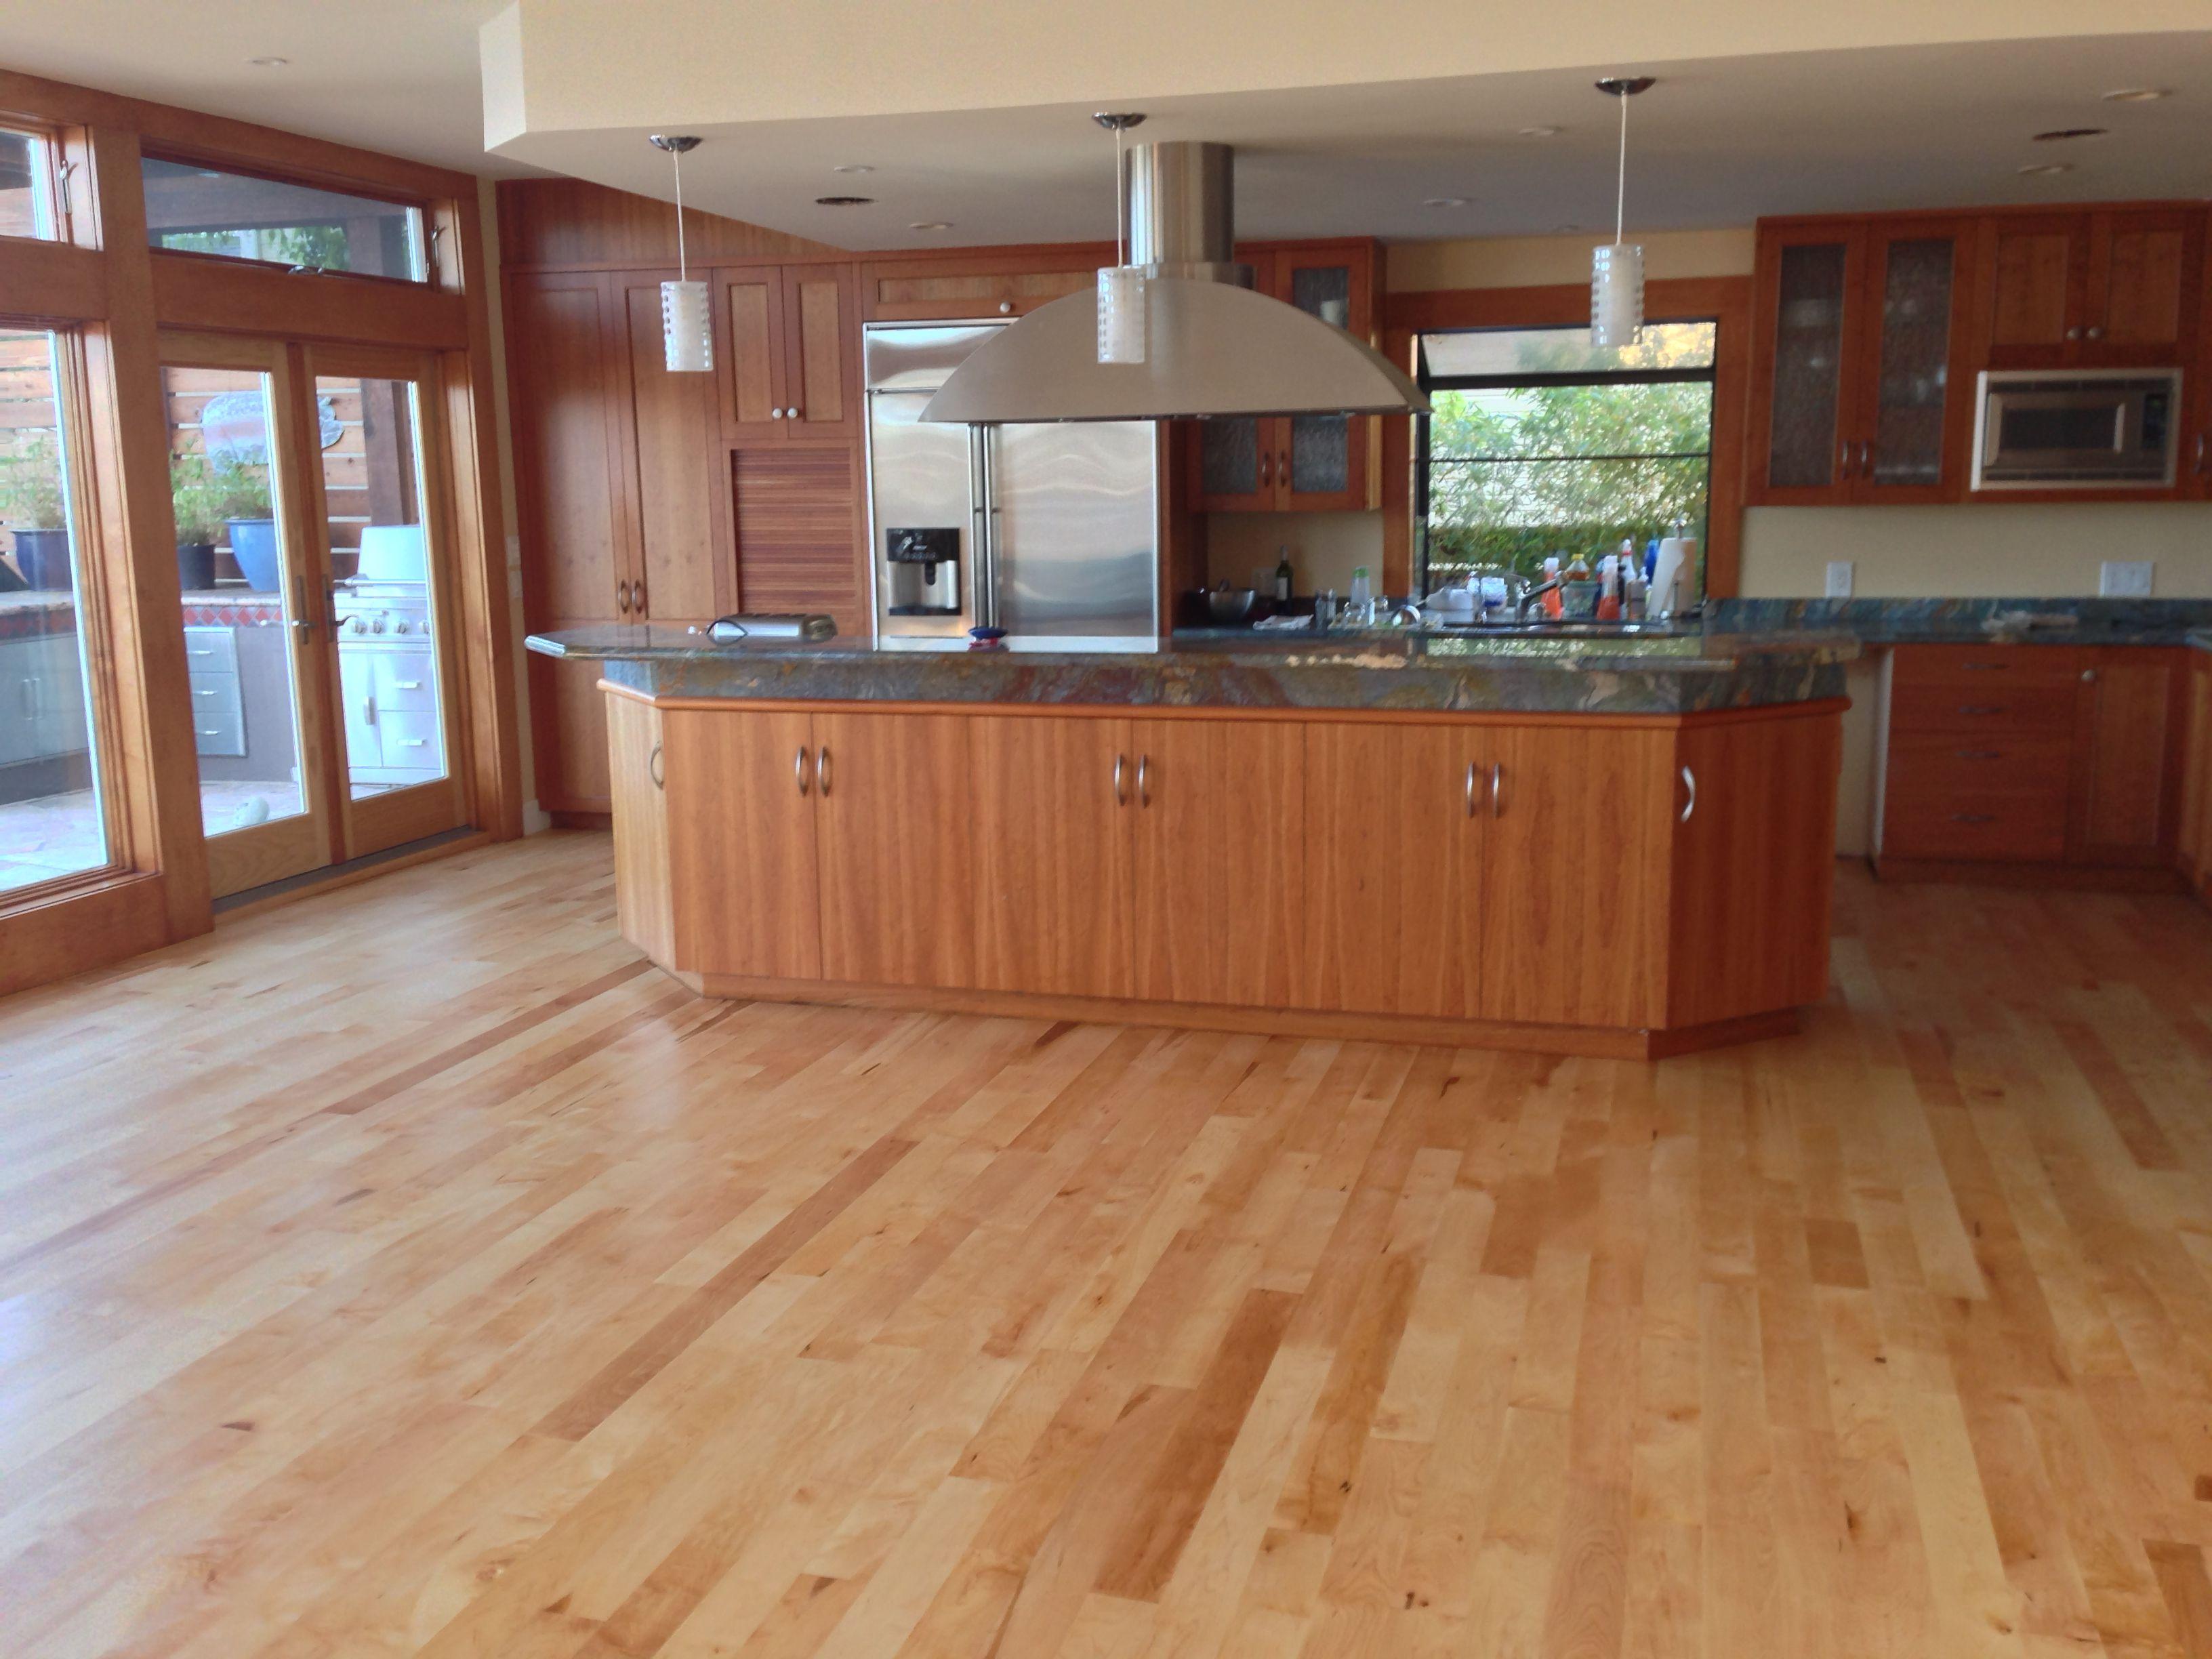 JOB WE INSTALLED Maple select Hardwood Flooring Finished